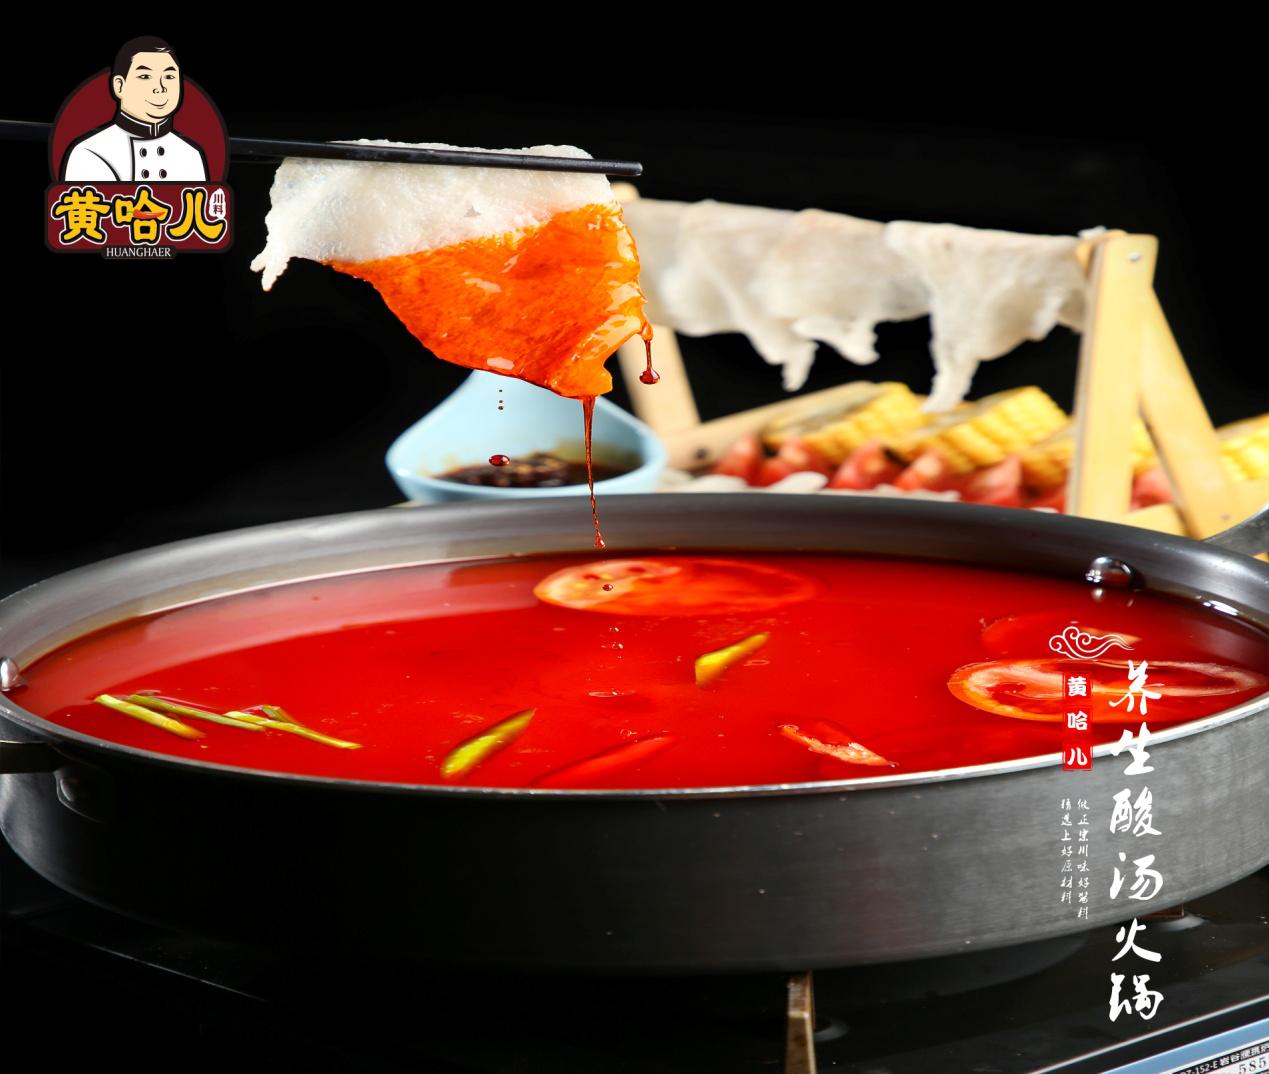 黄哈儿酸汤料1000克袋装单品包装火锅底料餐饮商用桶装酱料番茄味